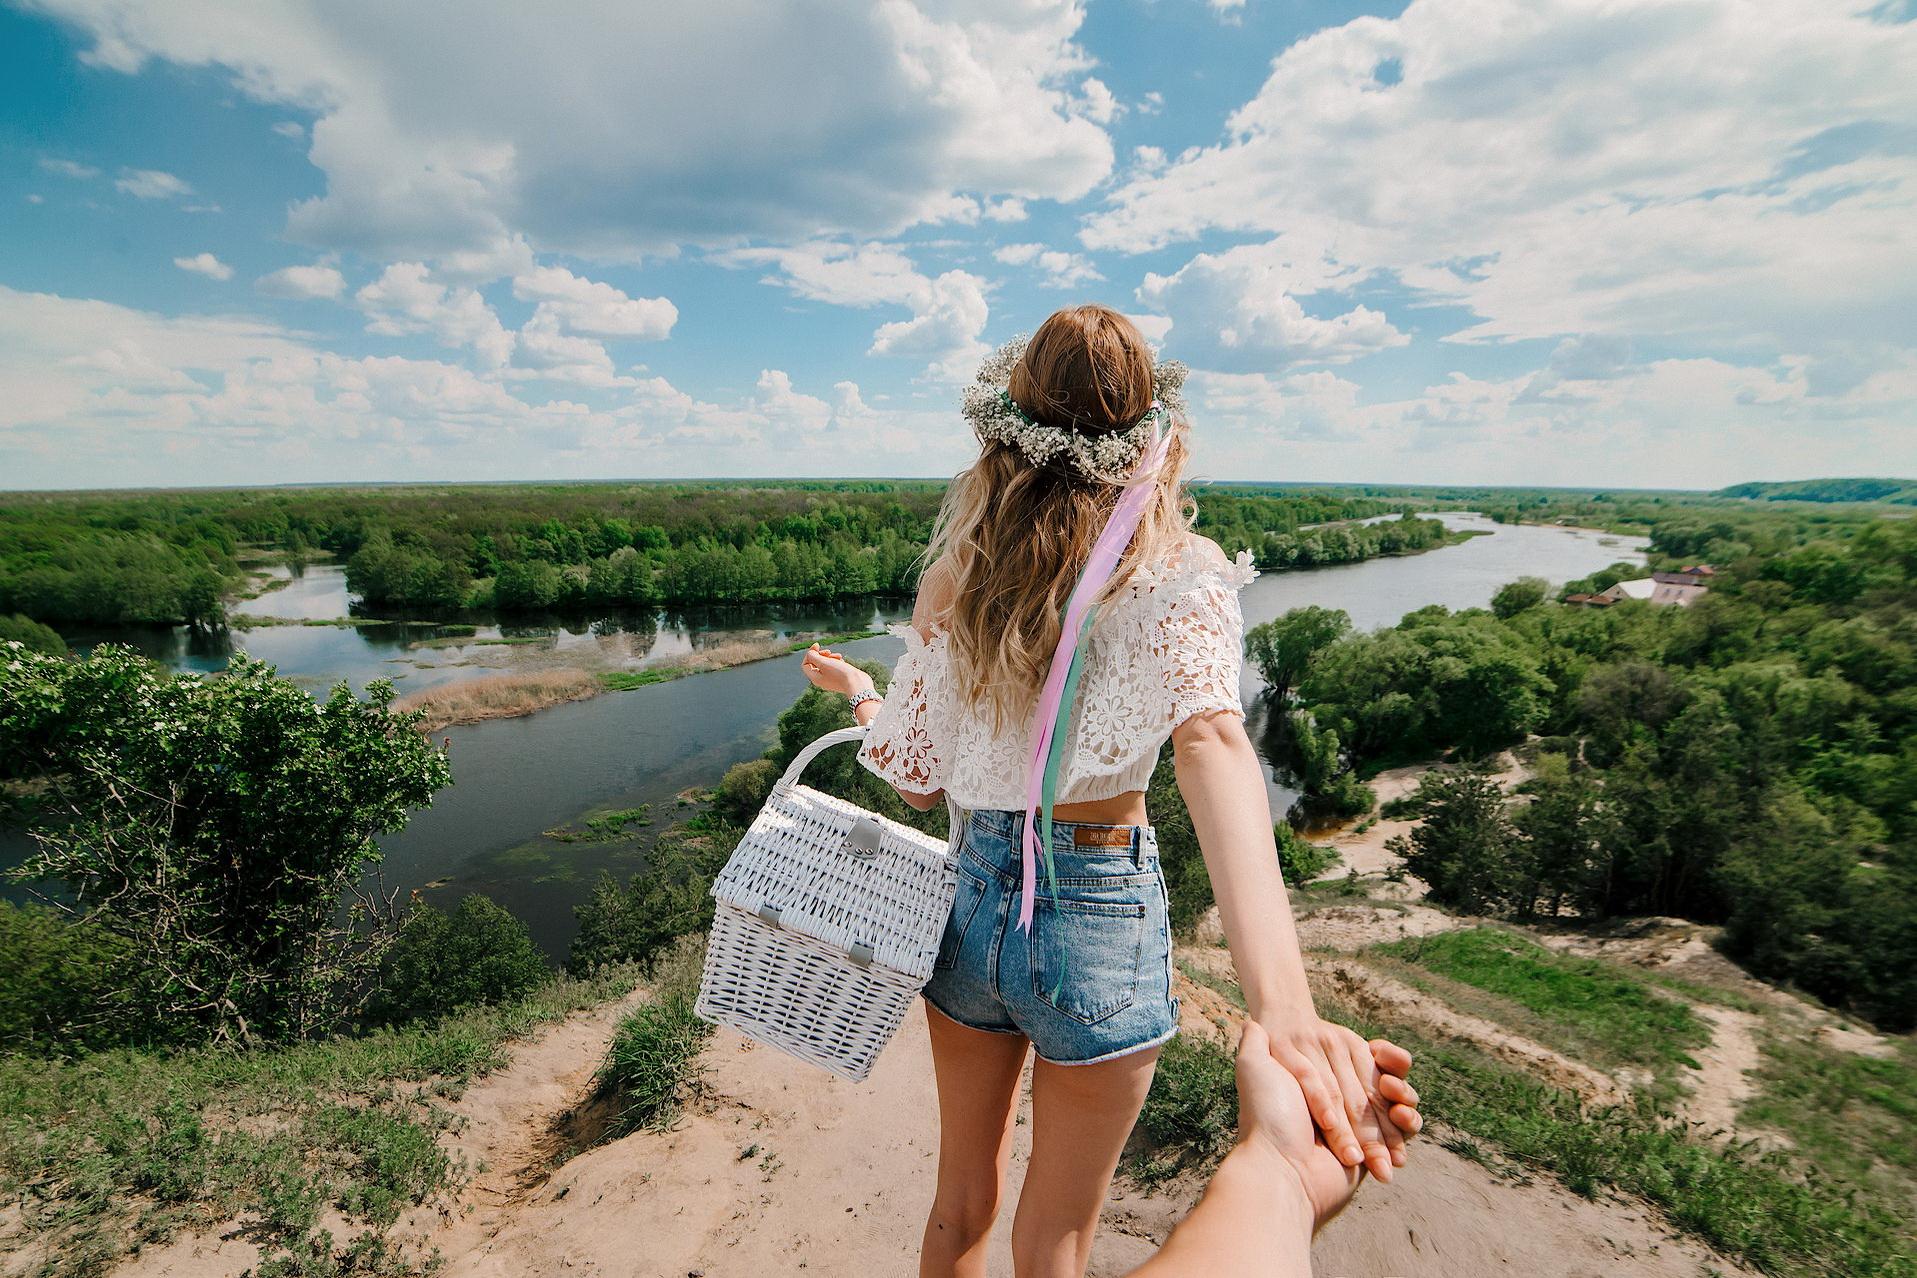 Фото – Алексей Ликутов (из архива)